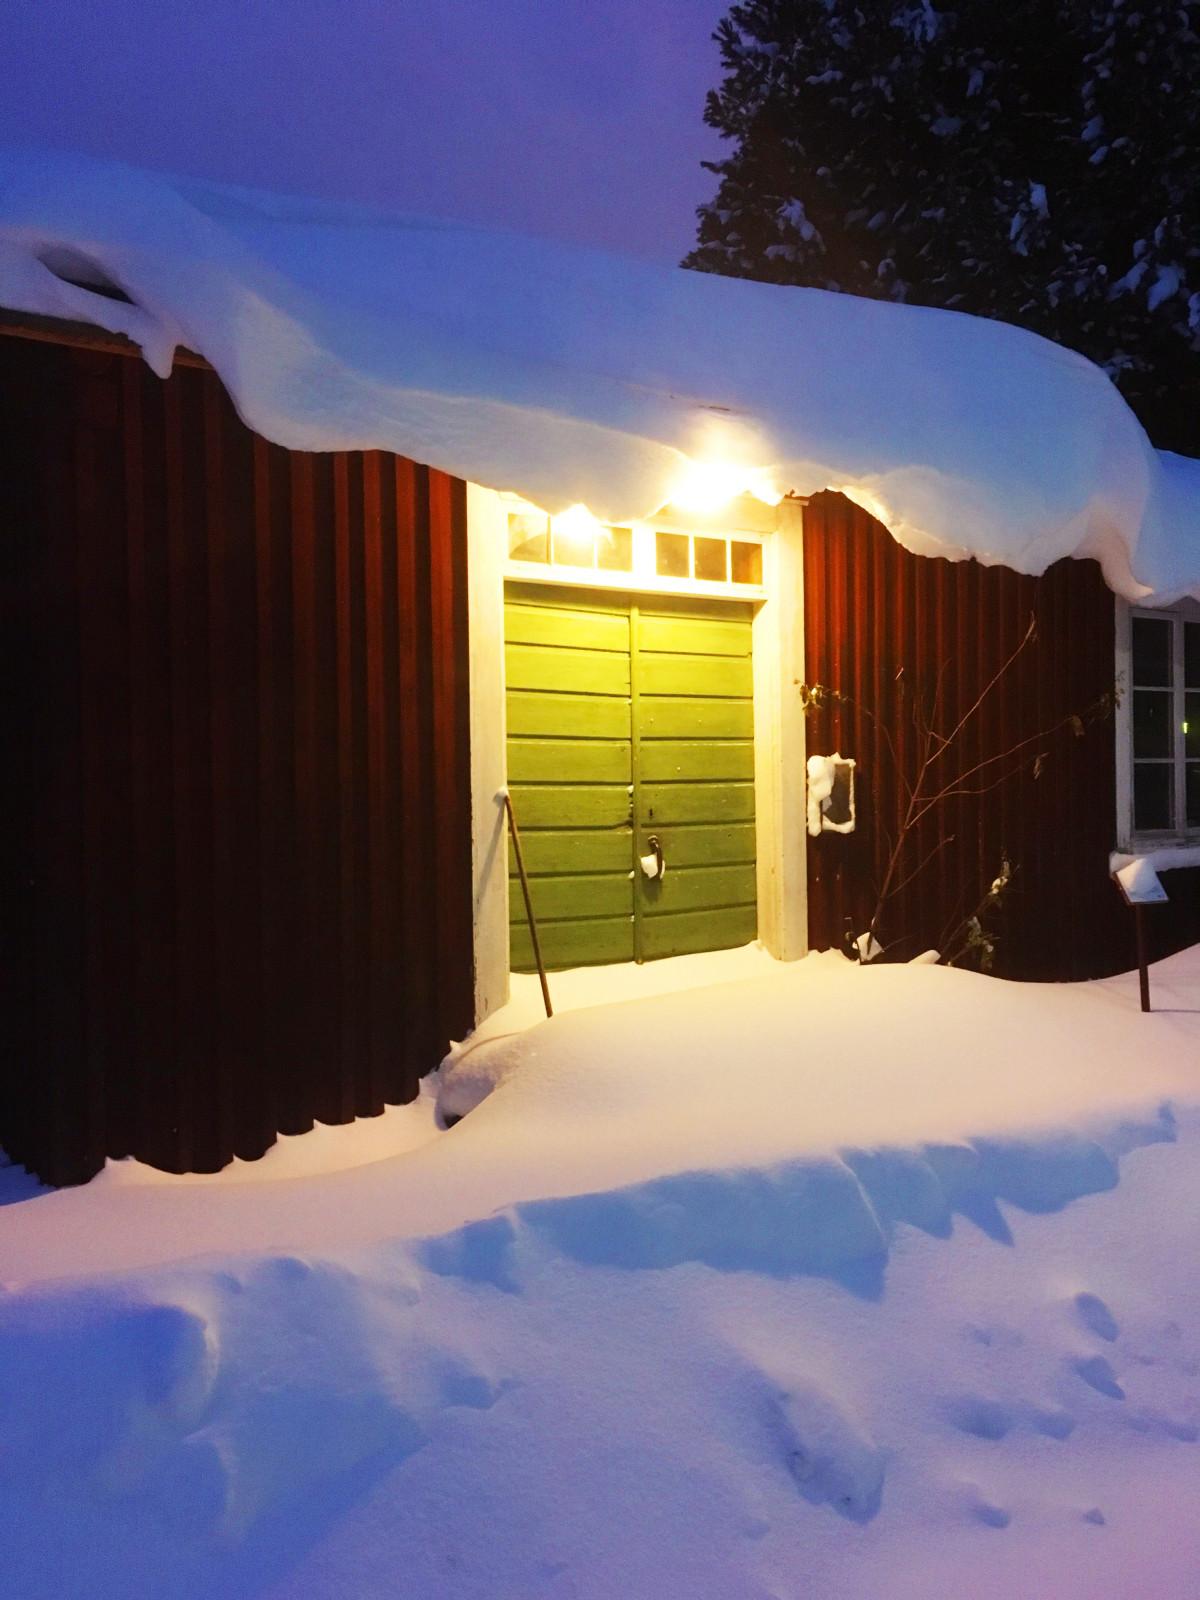 kostenlose foto schnee winter licht wei nacht. Black Bedroom Furniture Sets. Home Design Ideas